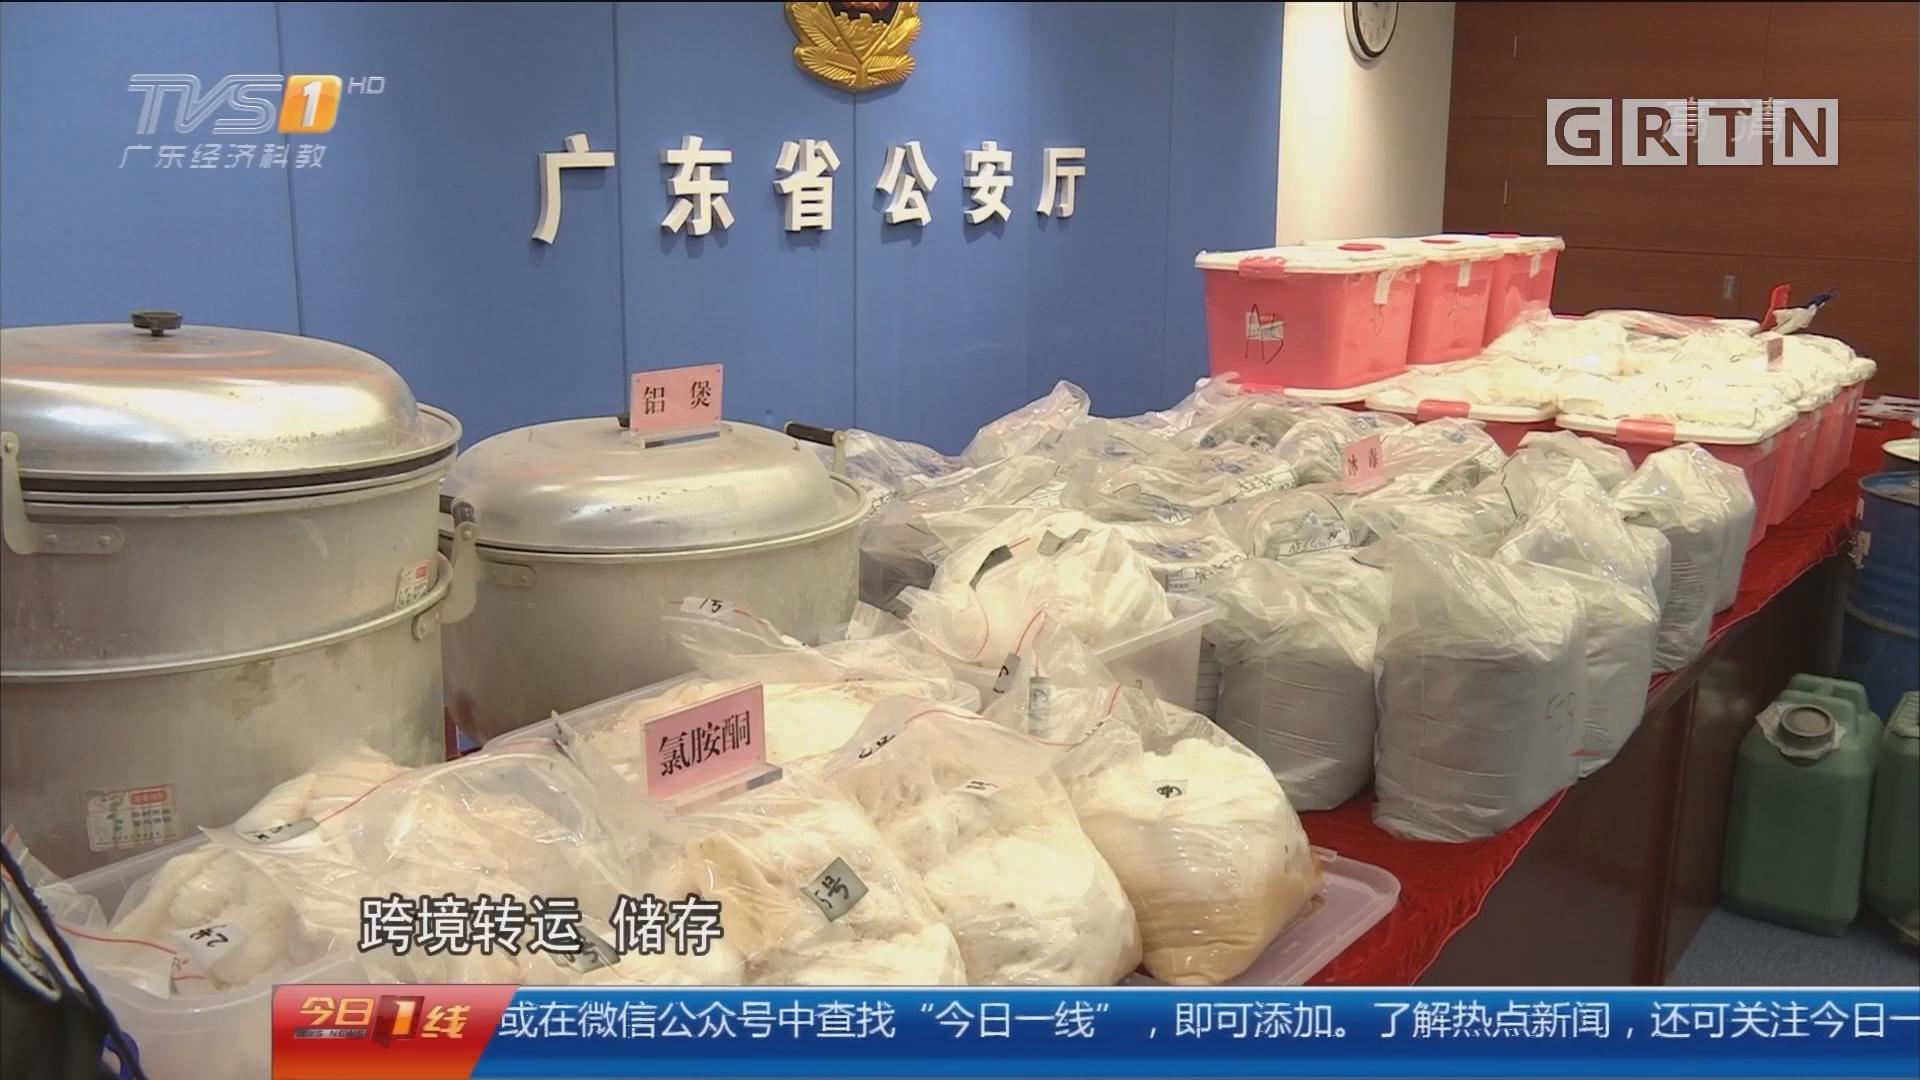 粤剑扫毒:警方突查小区 缴获1.29吨可卡因